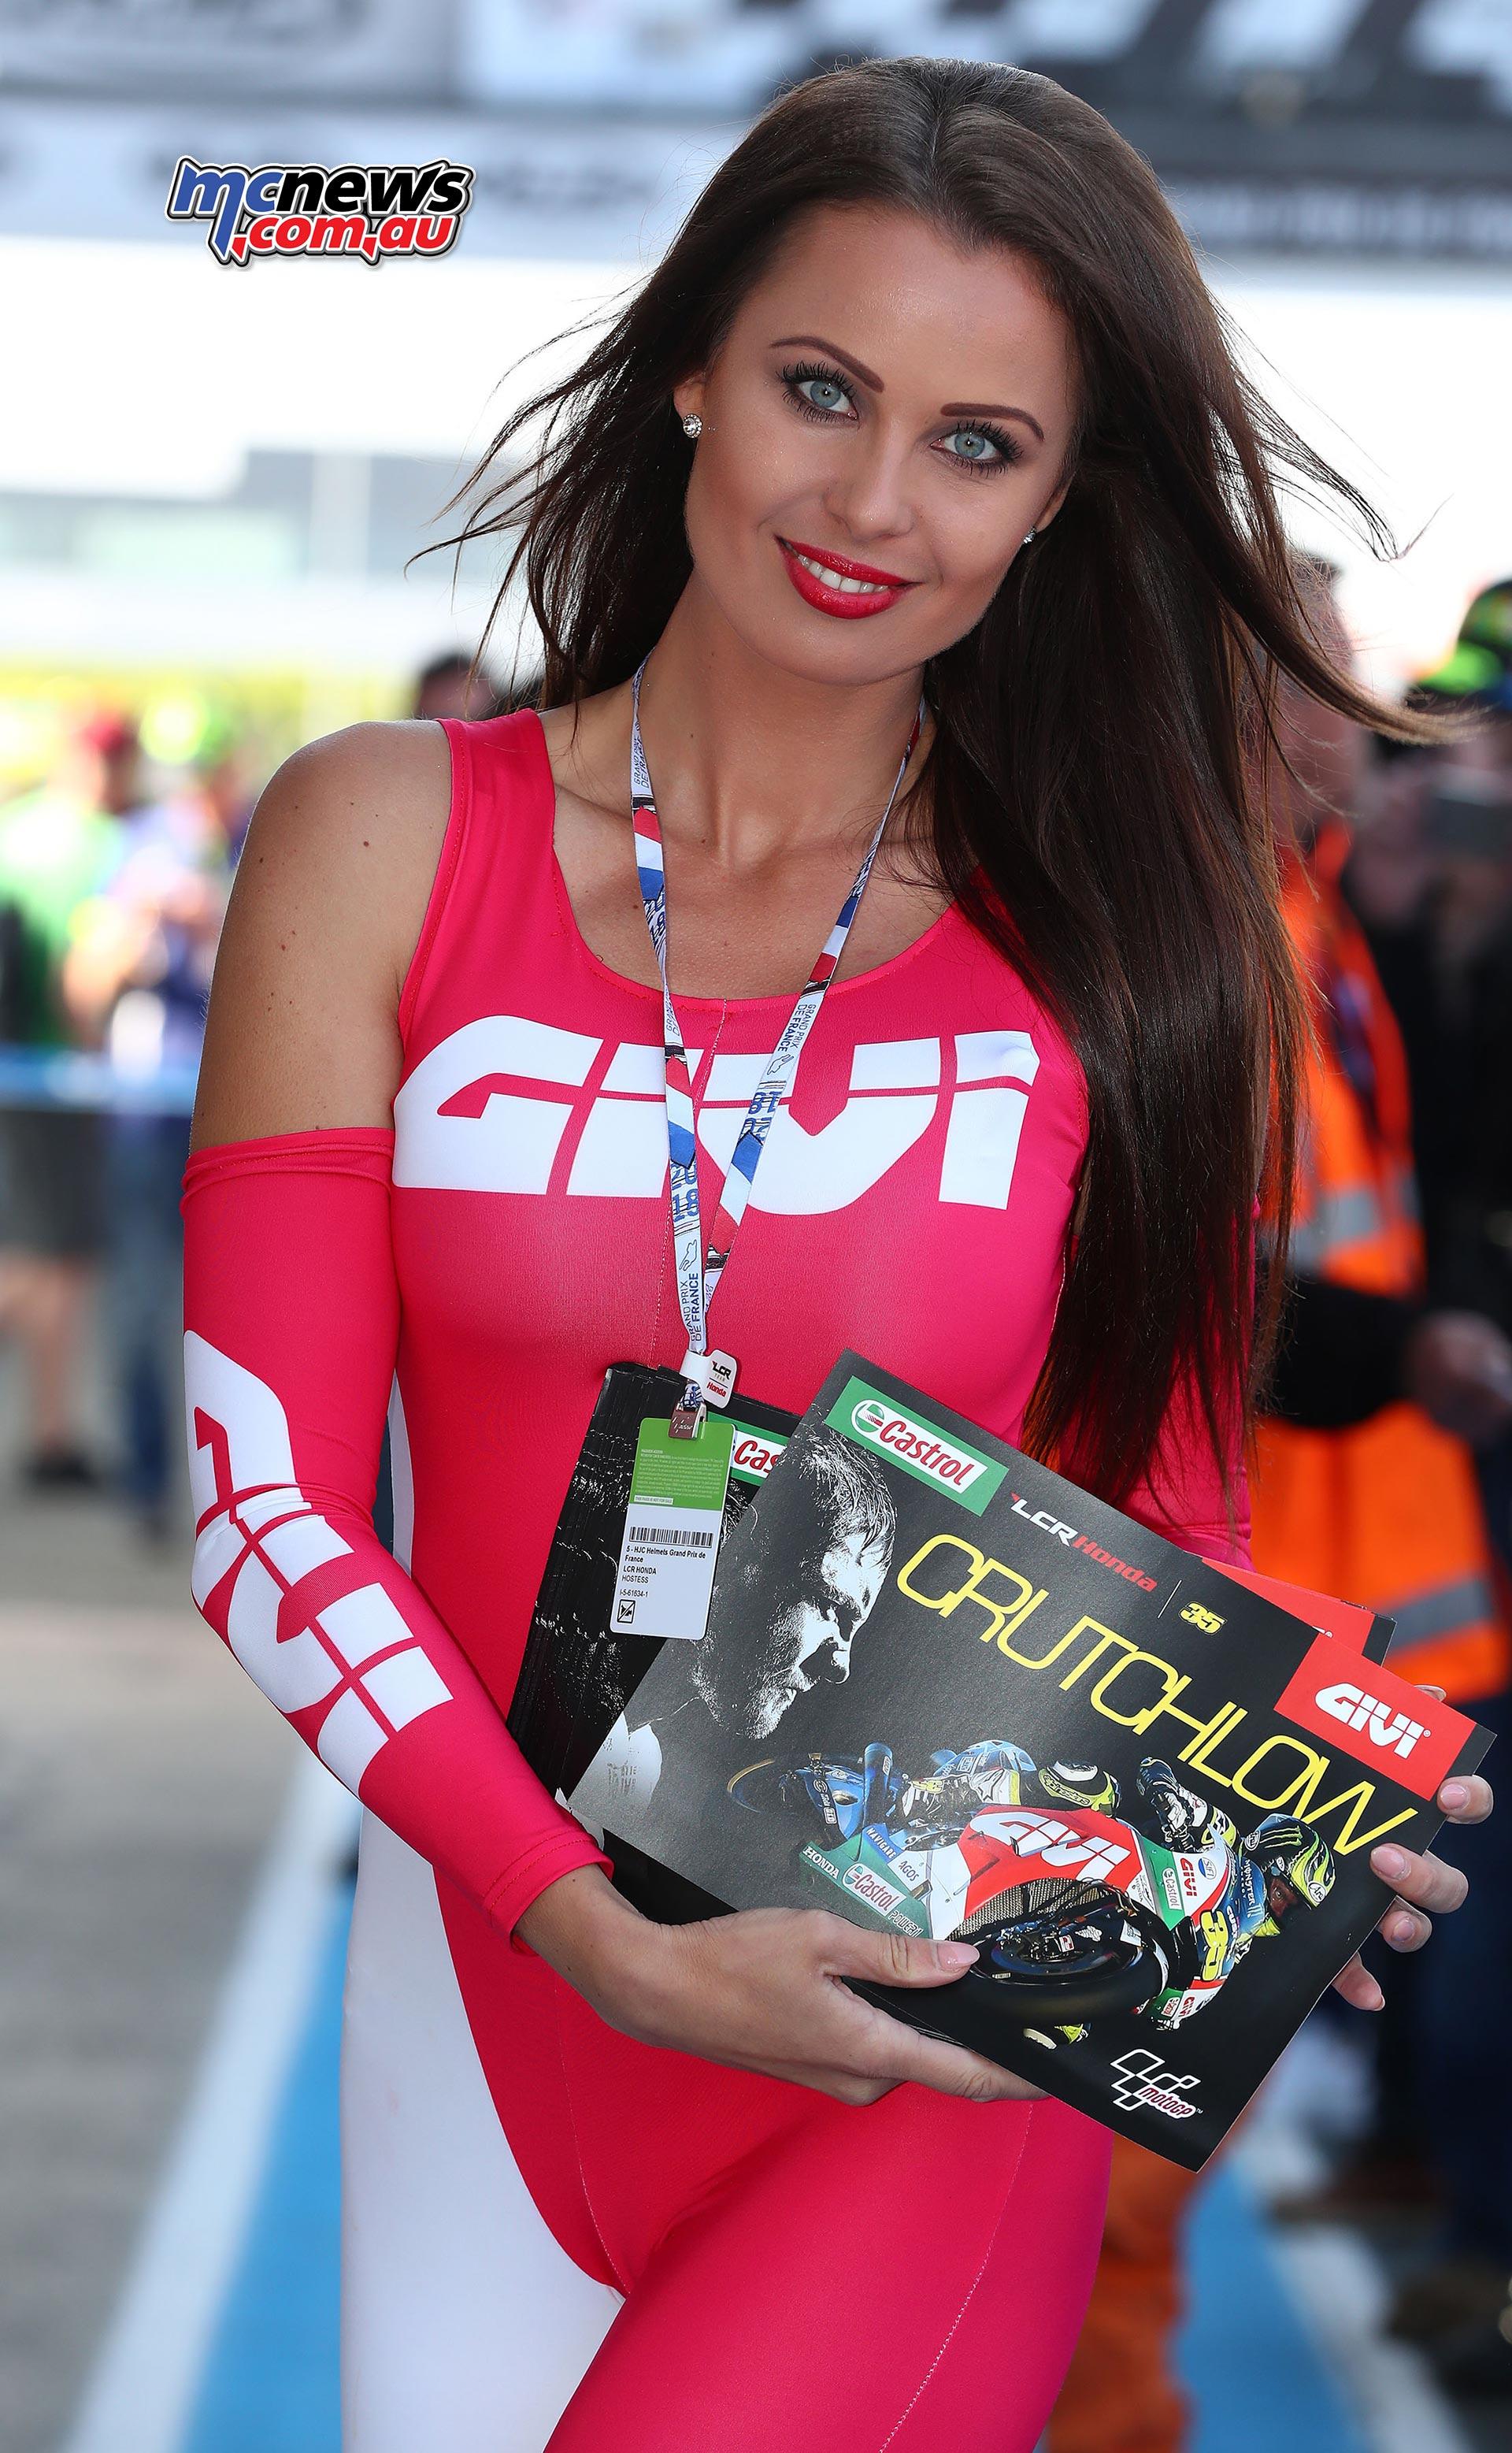 2018 Le Mans MotoGP 2018 | Grid Girls | MCNews.com.au